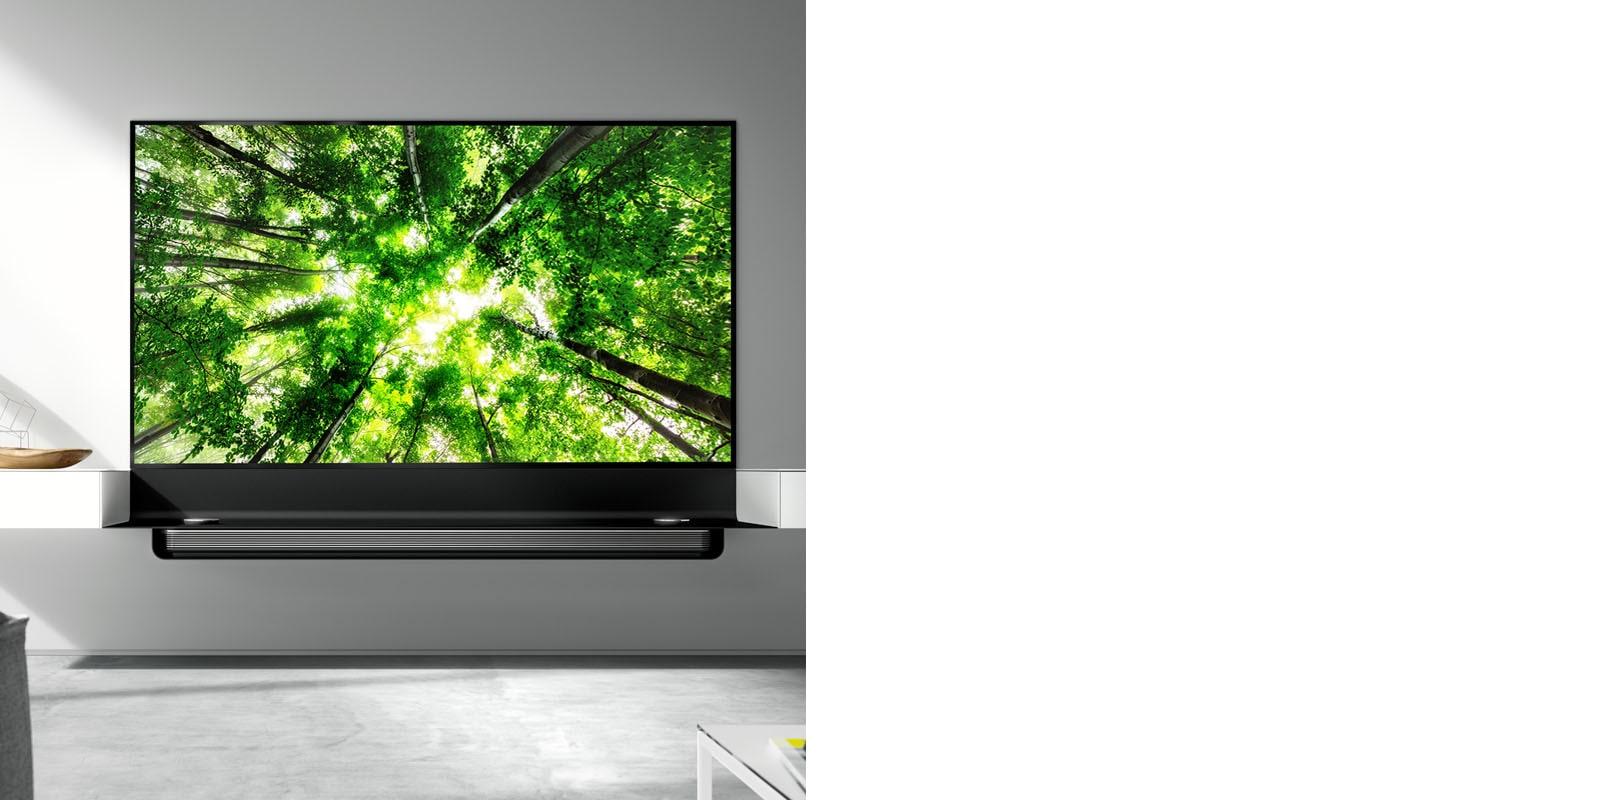 Meuble Tv Avec Barre De Son meuble tv lg x spectral - meuble téléviseur | lg suisse